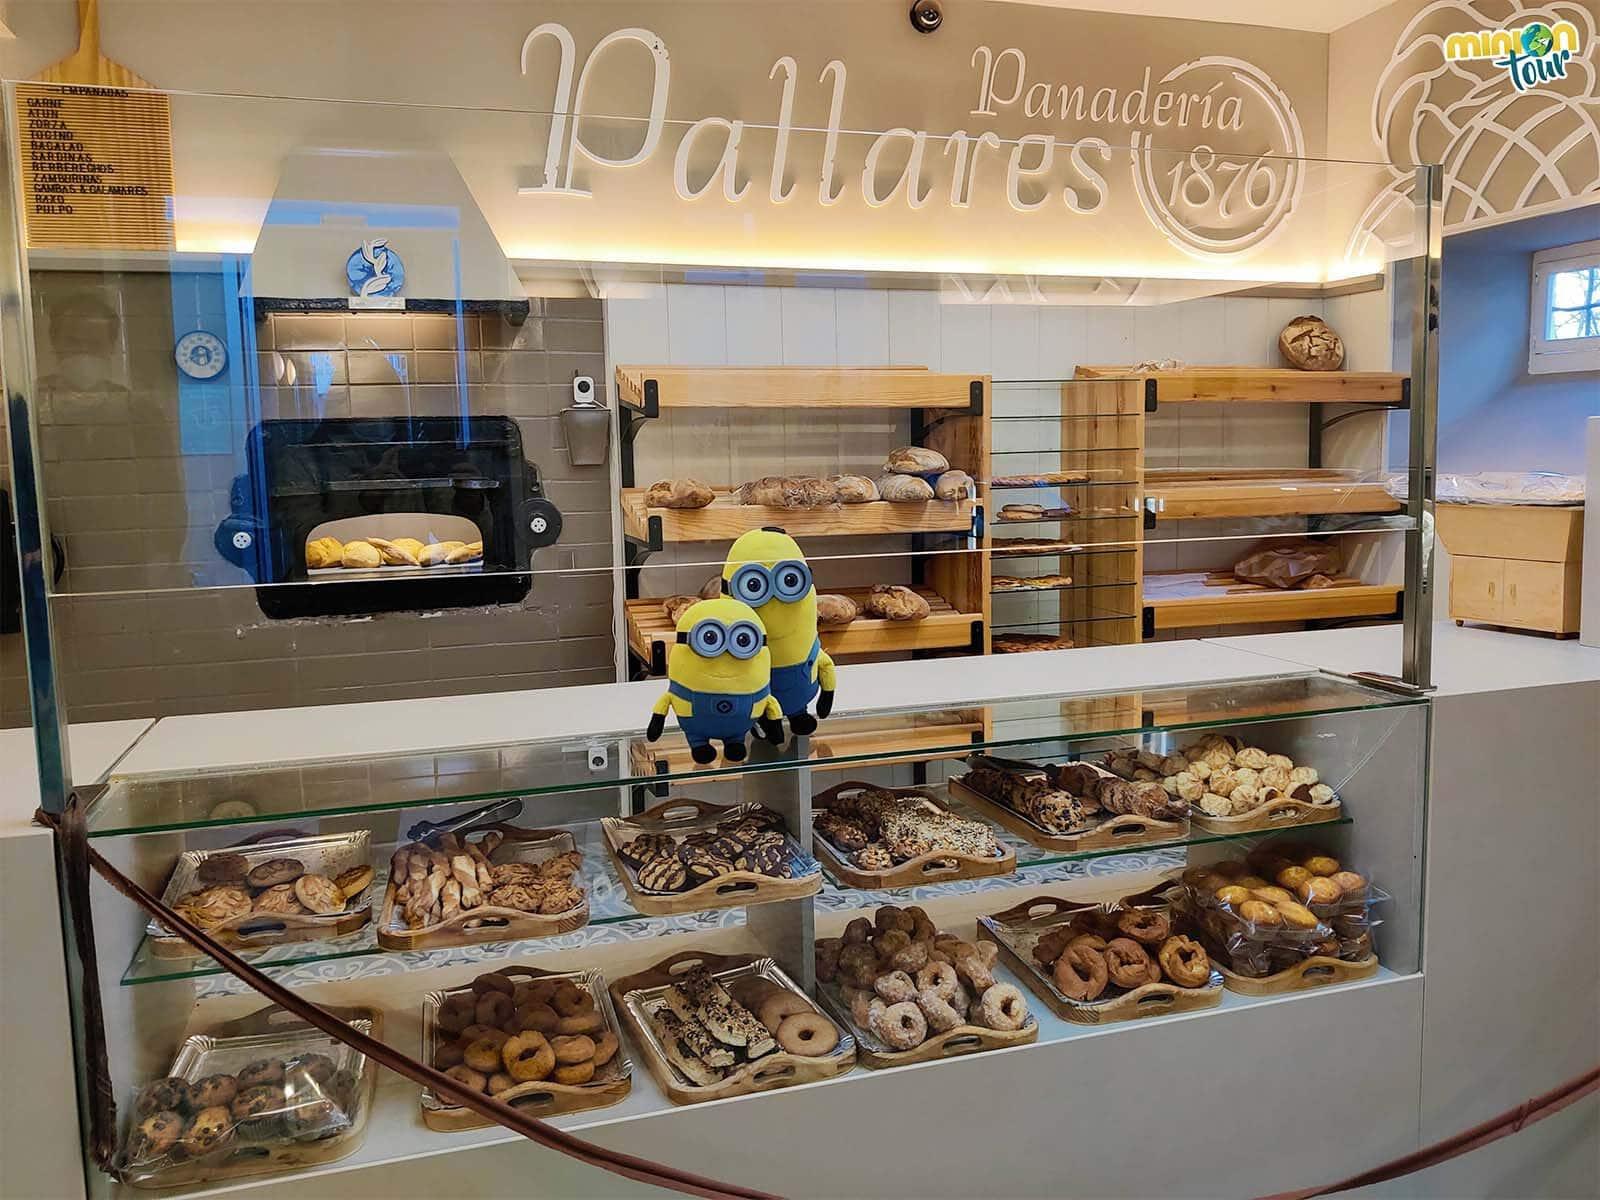 En la Panadería Pallares hay demasiadas cosas ricas para elegir